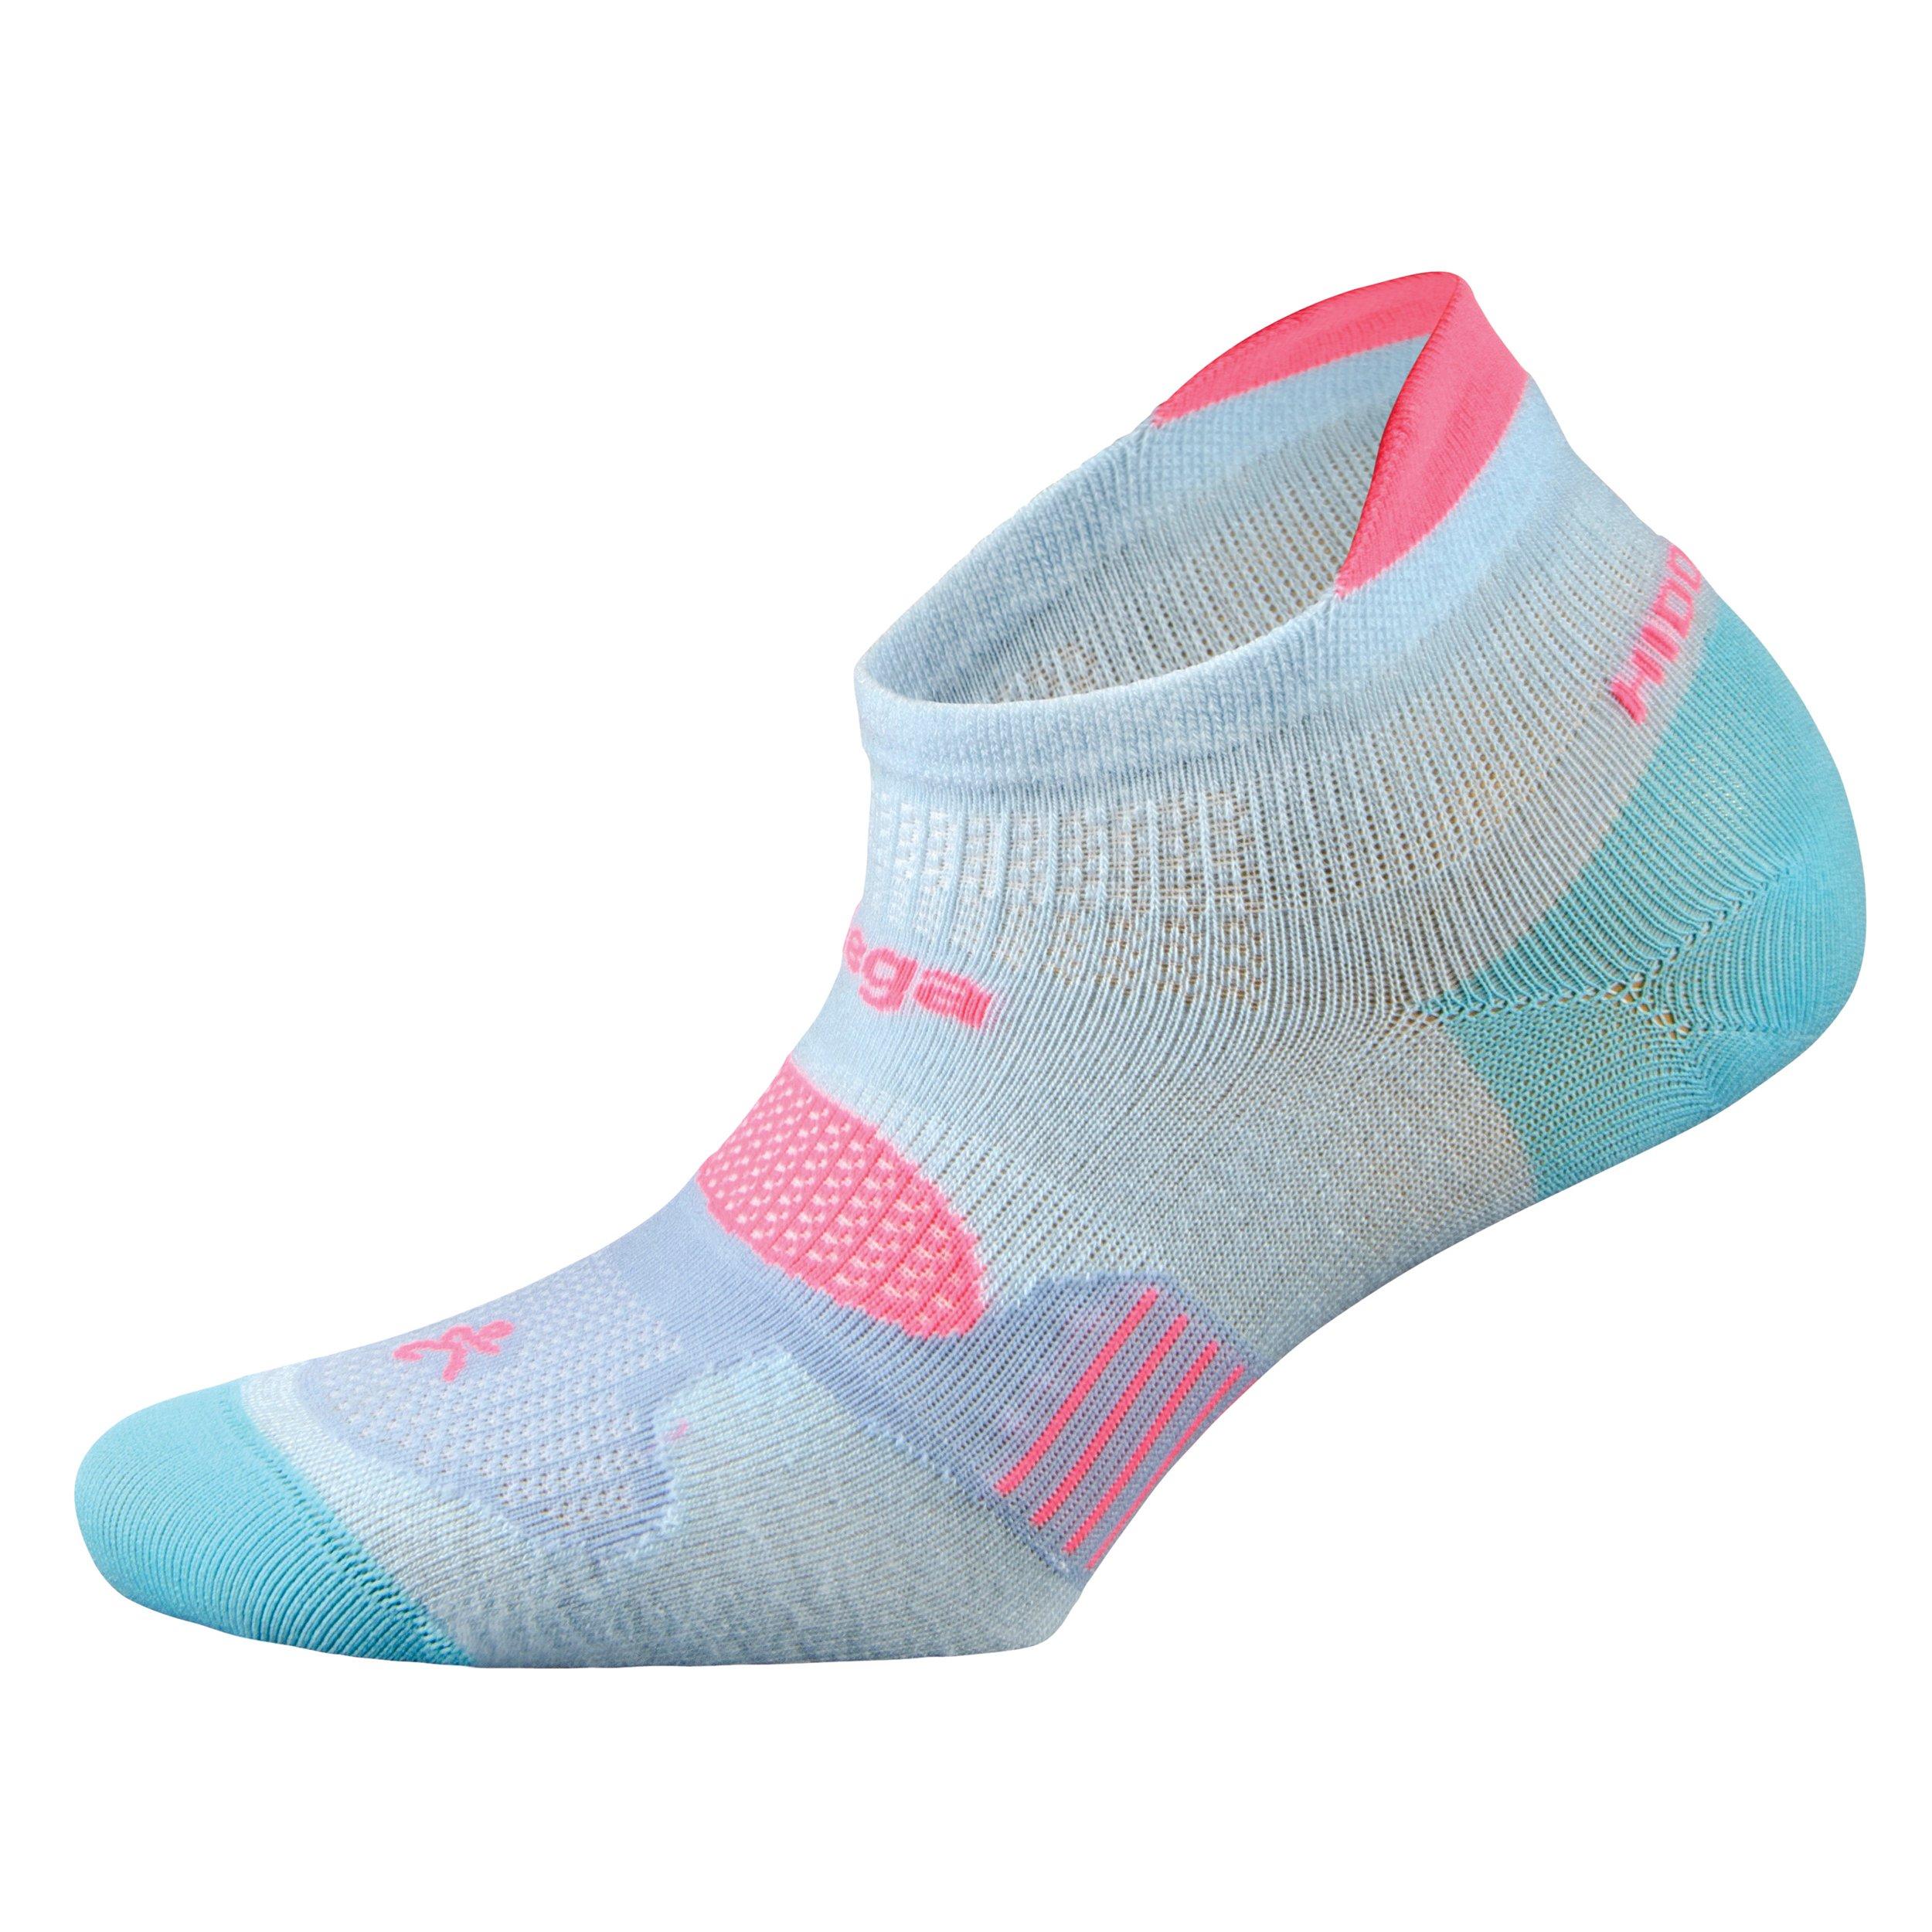 Balega Hidden Dry Moisture-Wicking Socks For Men and Women (1 Pair), Cool Blue, Large by Balega